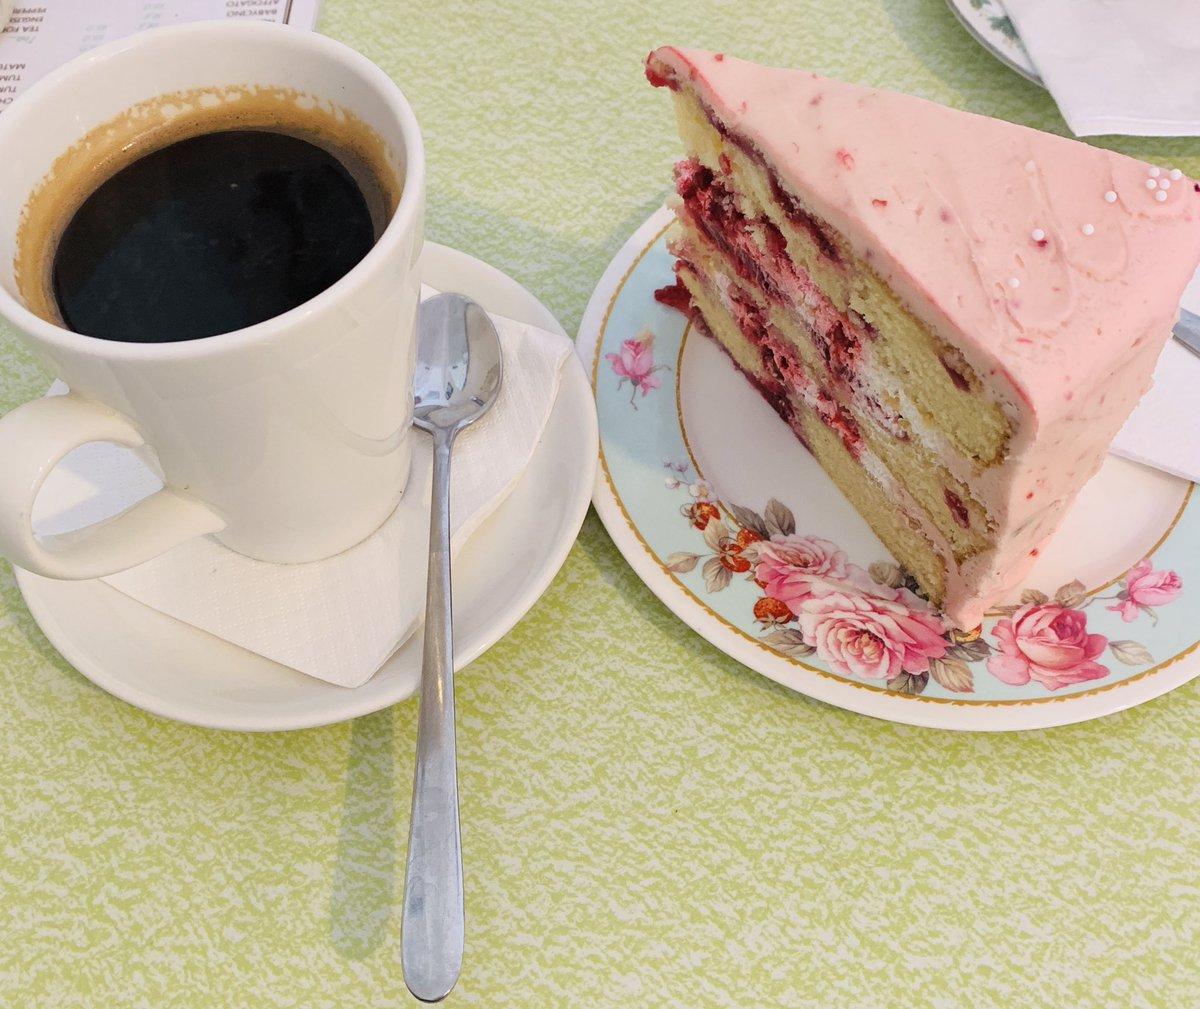 When too much caffeine & too much sugar get together 🤗 #caffeine #cake  #heartpalpitations #teacherholidays #TeacherLife